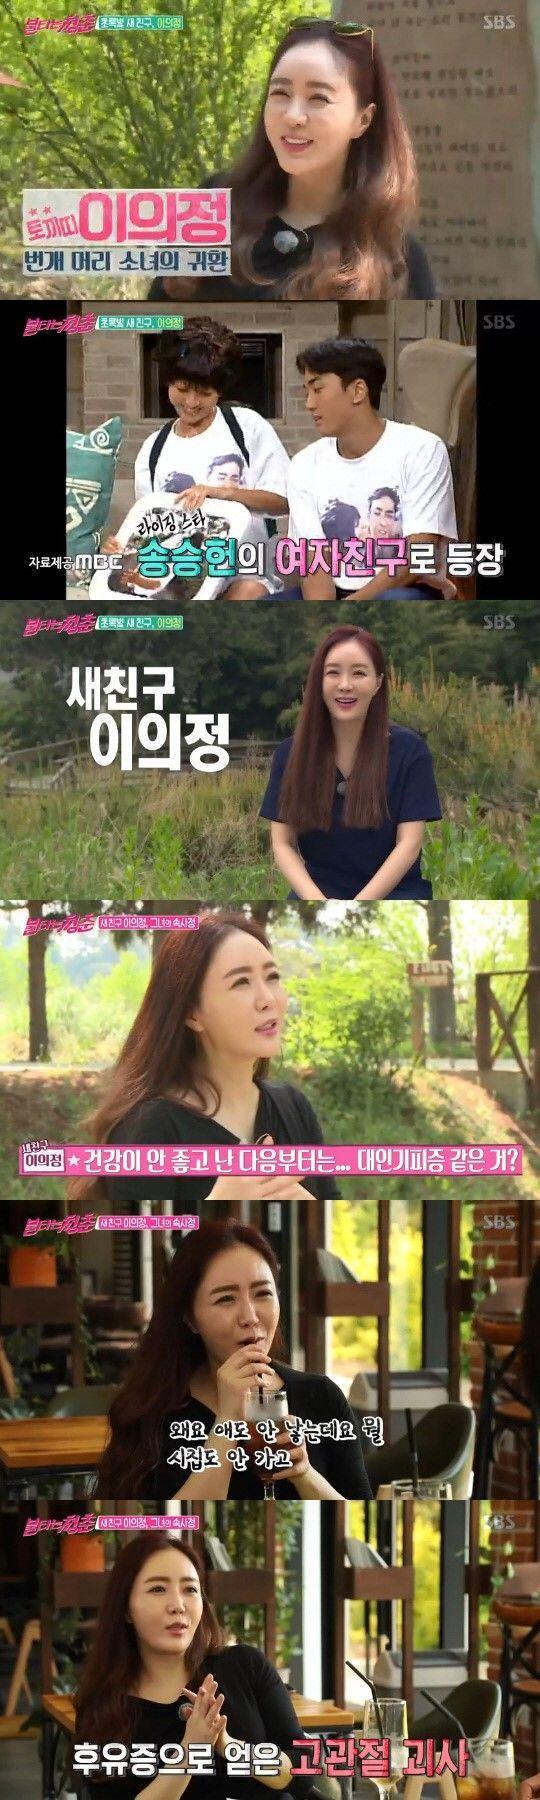 배우 이의정이 '불타는 청춘' 새 친구로 합류했다/사진=연합뉴스